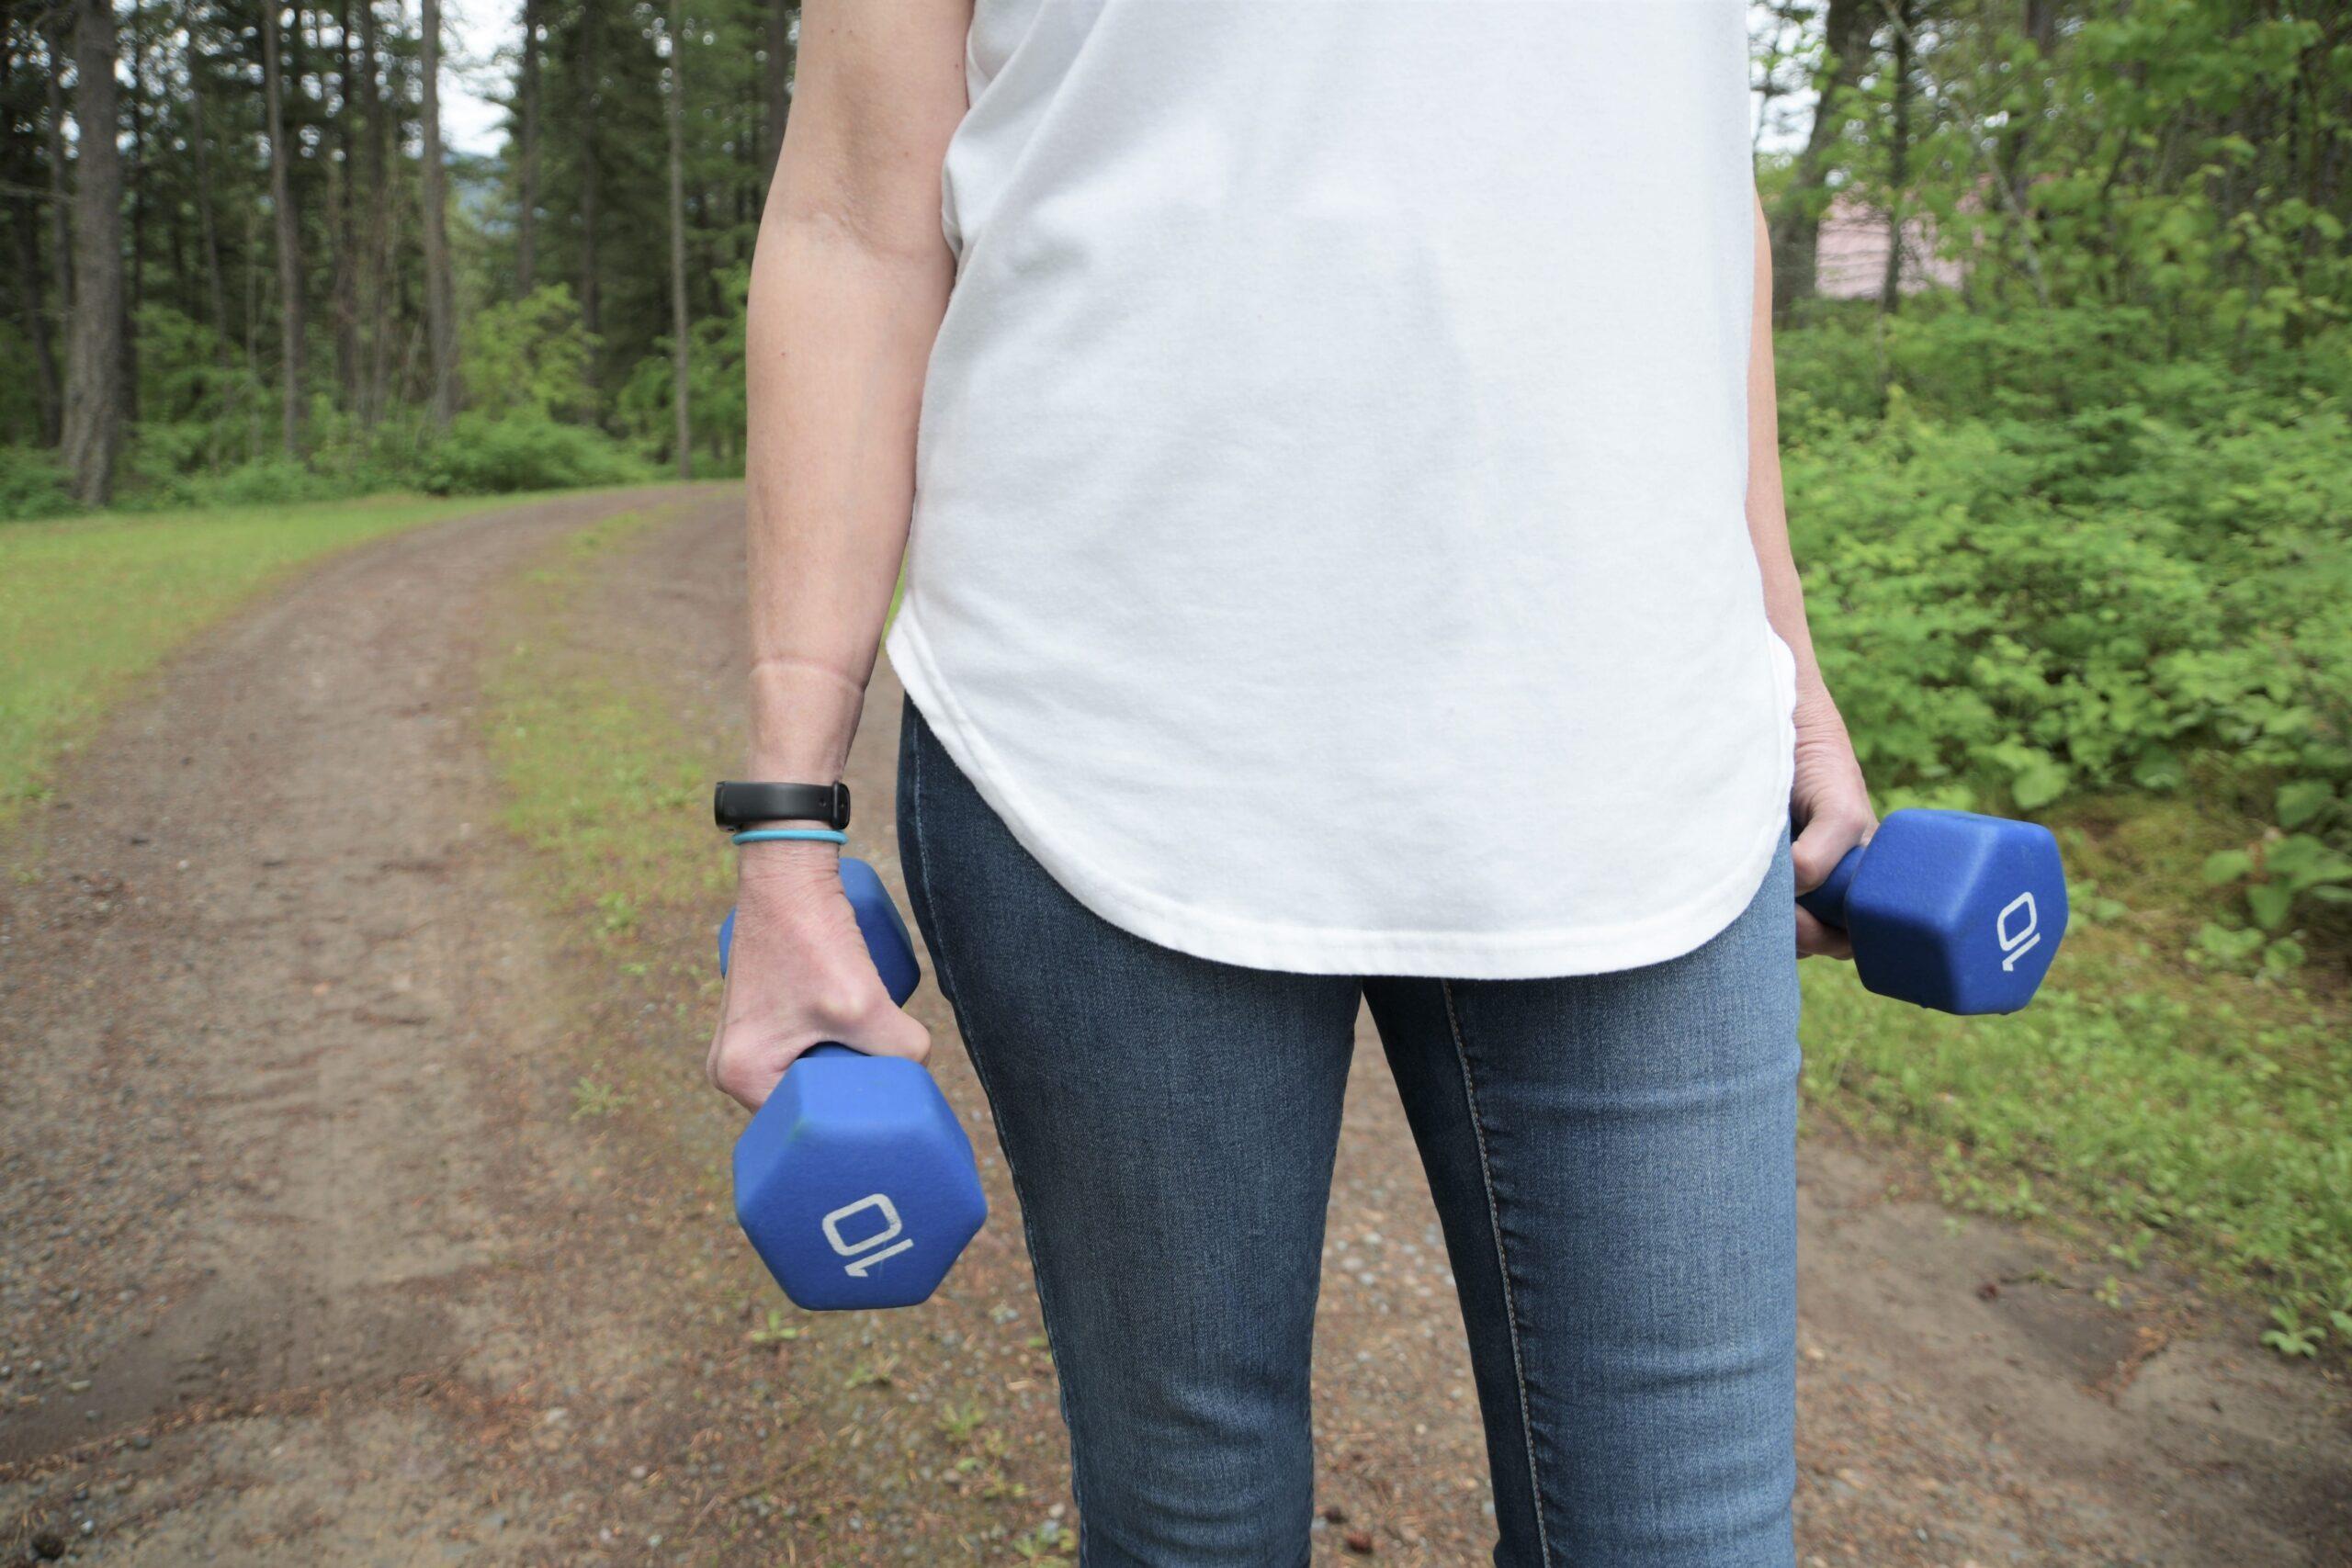 Farmer's Carry Hand Strength Exercise - Rebel Retirement